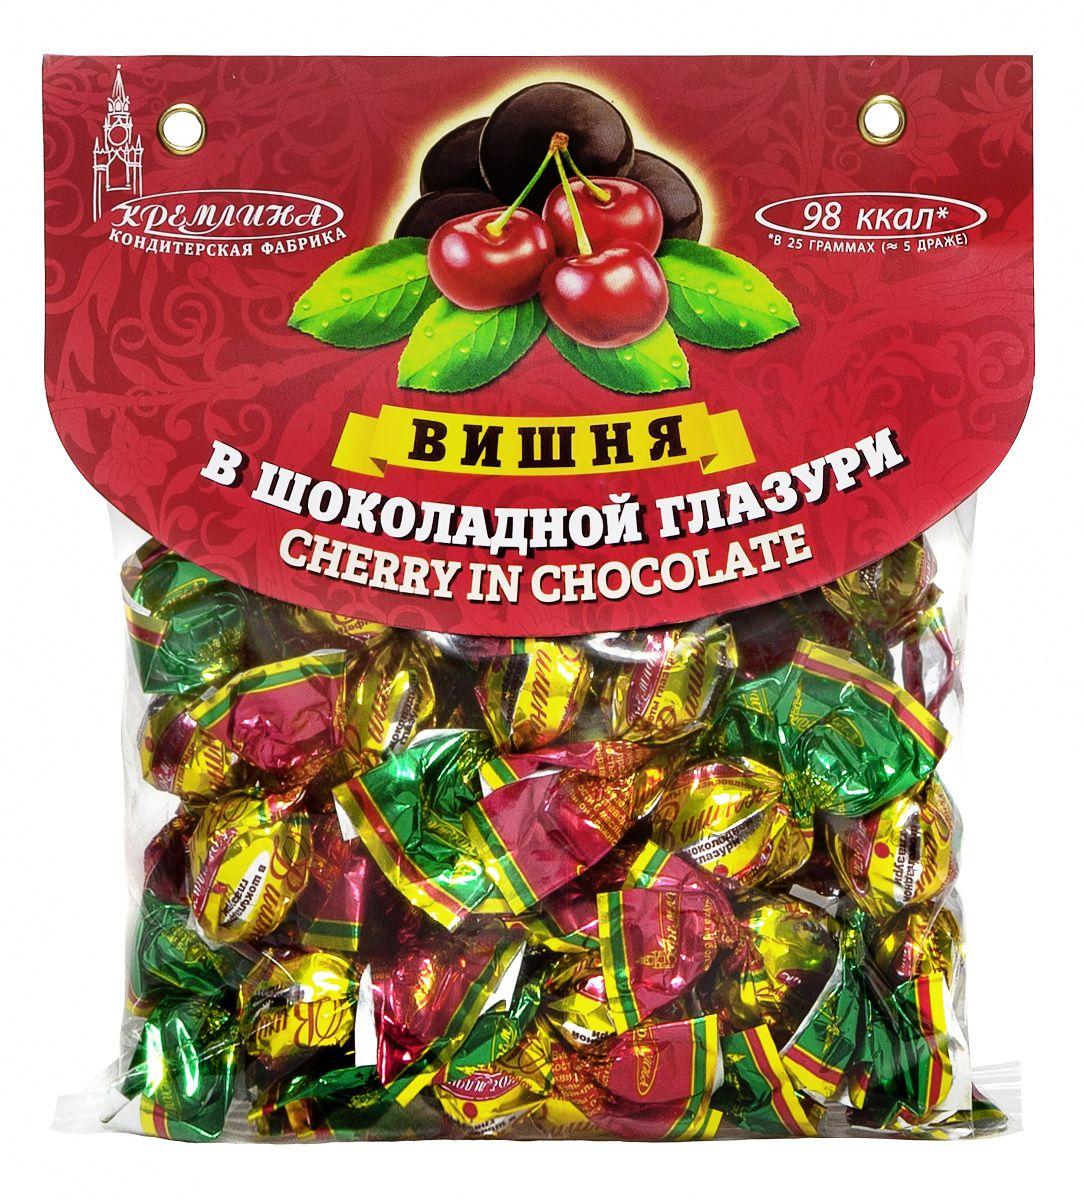 Кремлина Вишня в шоколадной глазури, 130 г bona vita батончик ореховый с семенами подсолнечника орехами и медом в шоколадной глазури 35 г